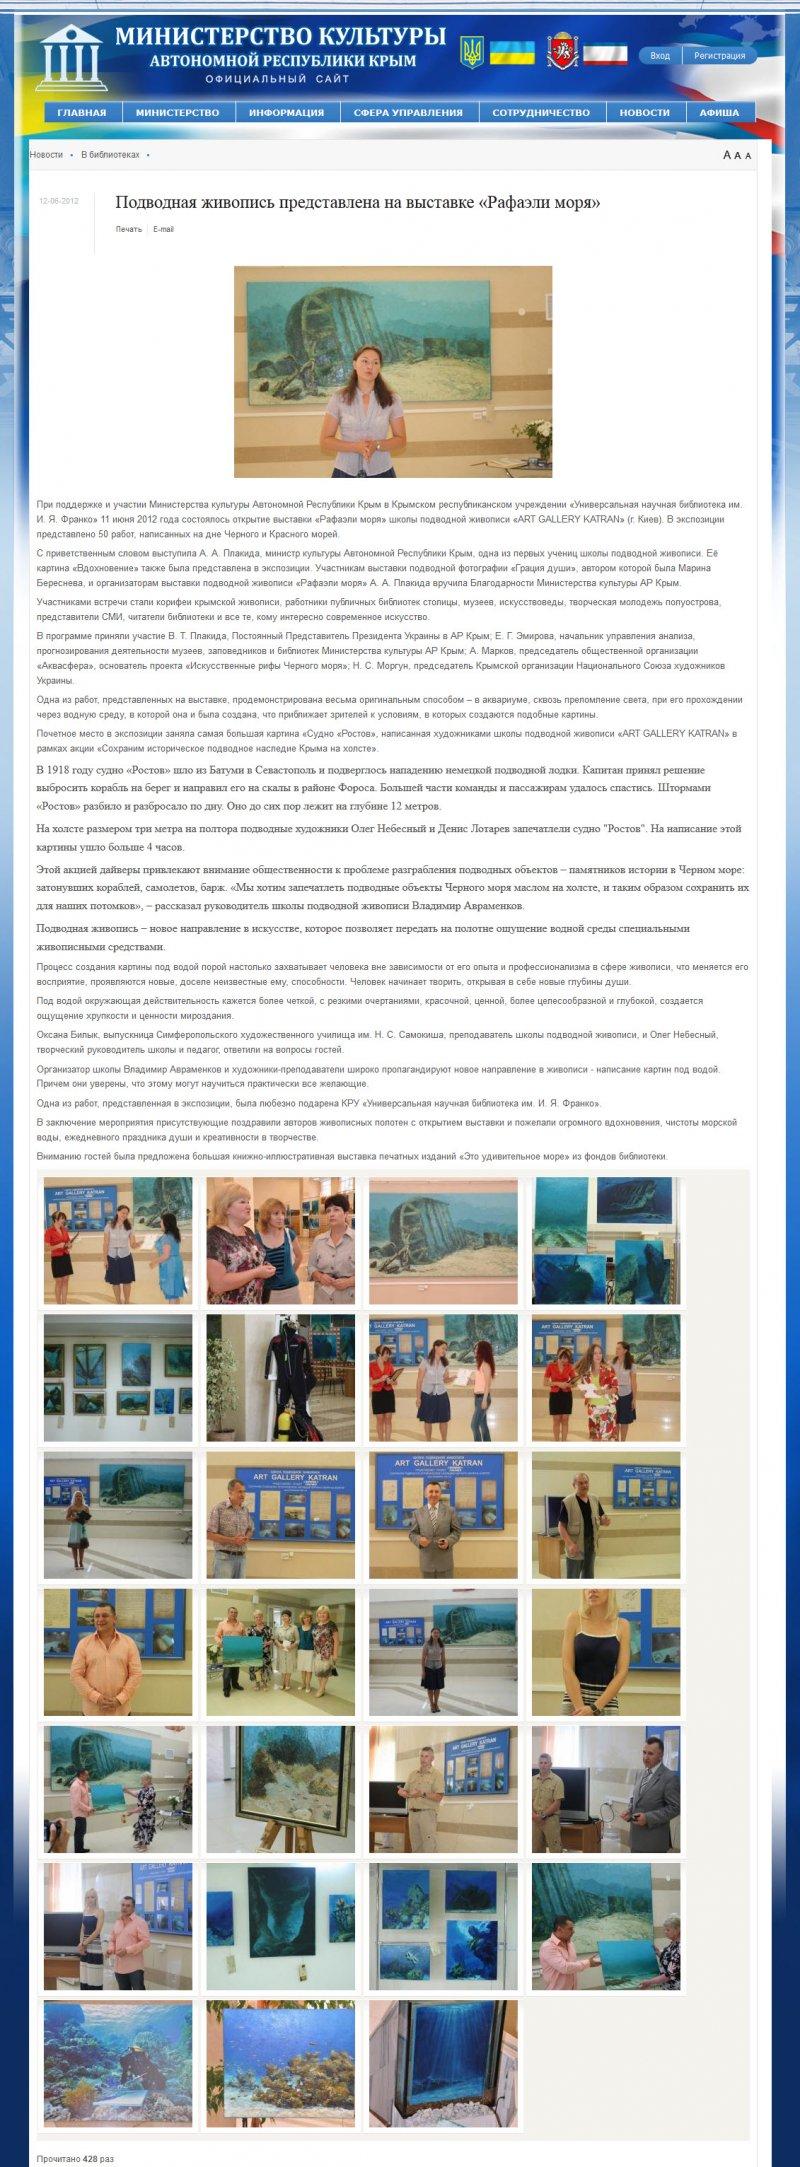 Министерство культуры АР Крым. Подводная живопись представлена на выставке «Рафаэли моря»